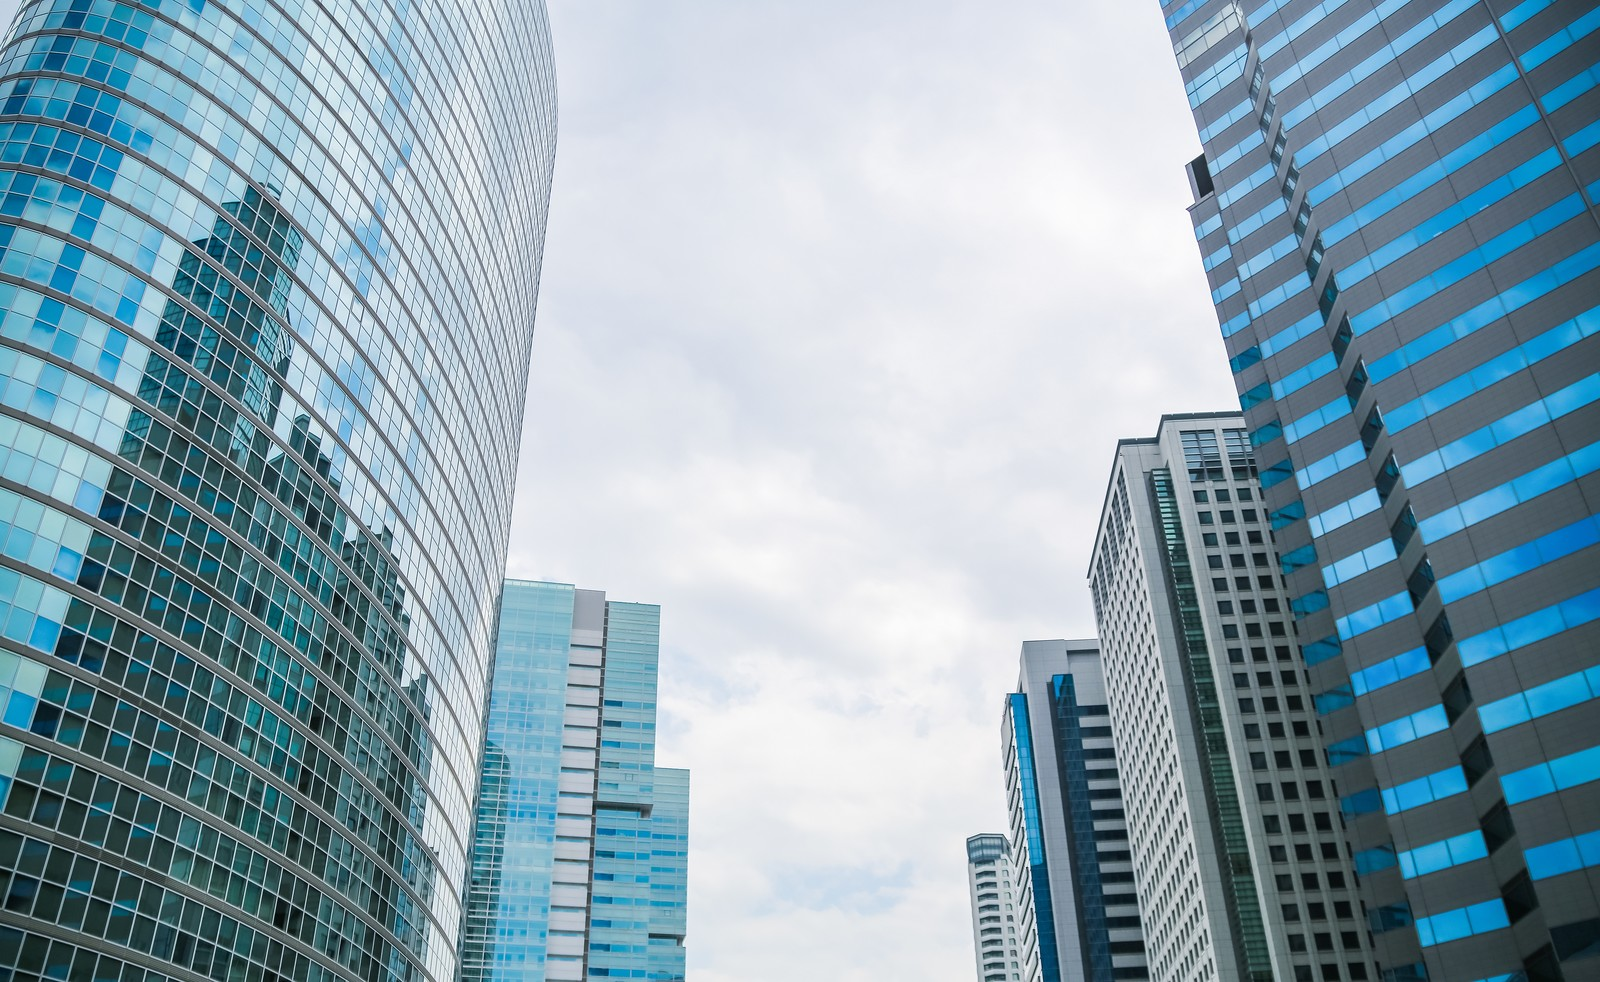 ITエンジニアの就職に人気の企業ランキングを紹介